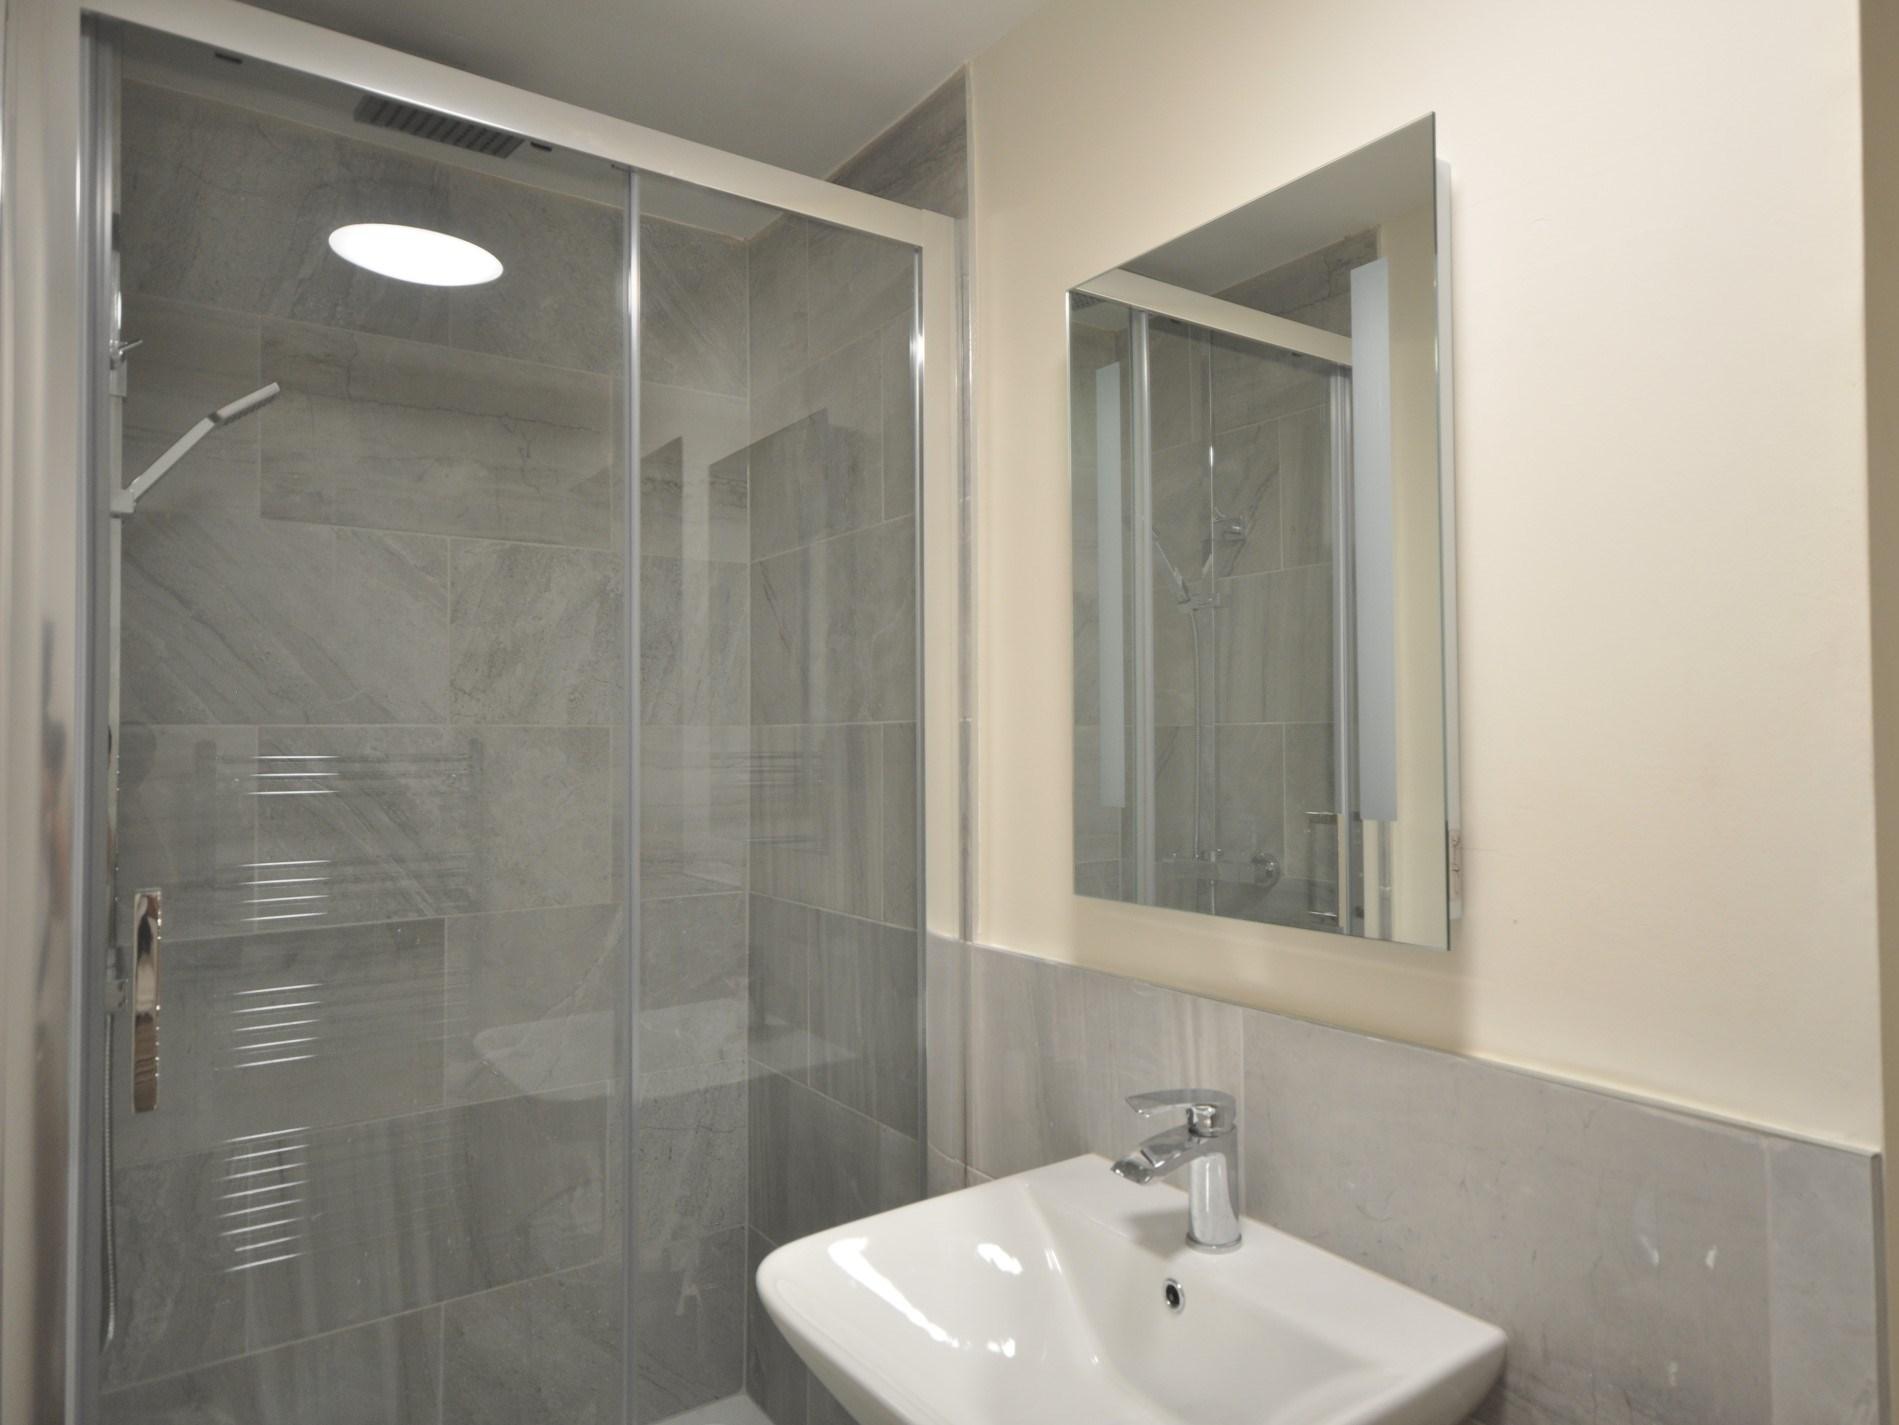 The bedroom has an en-suite shower room